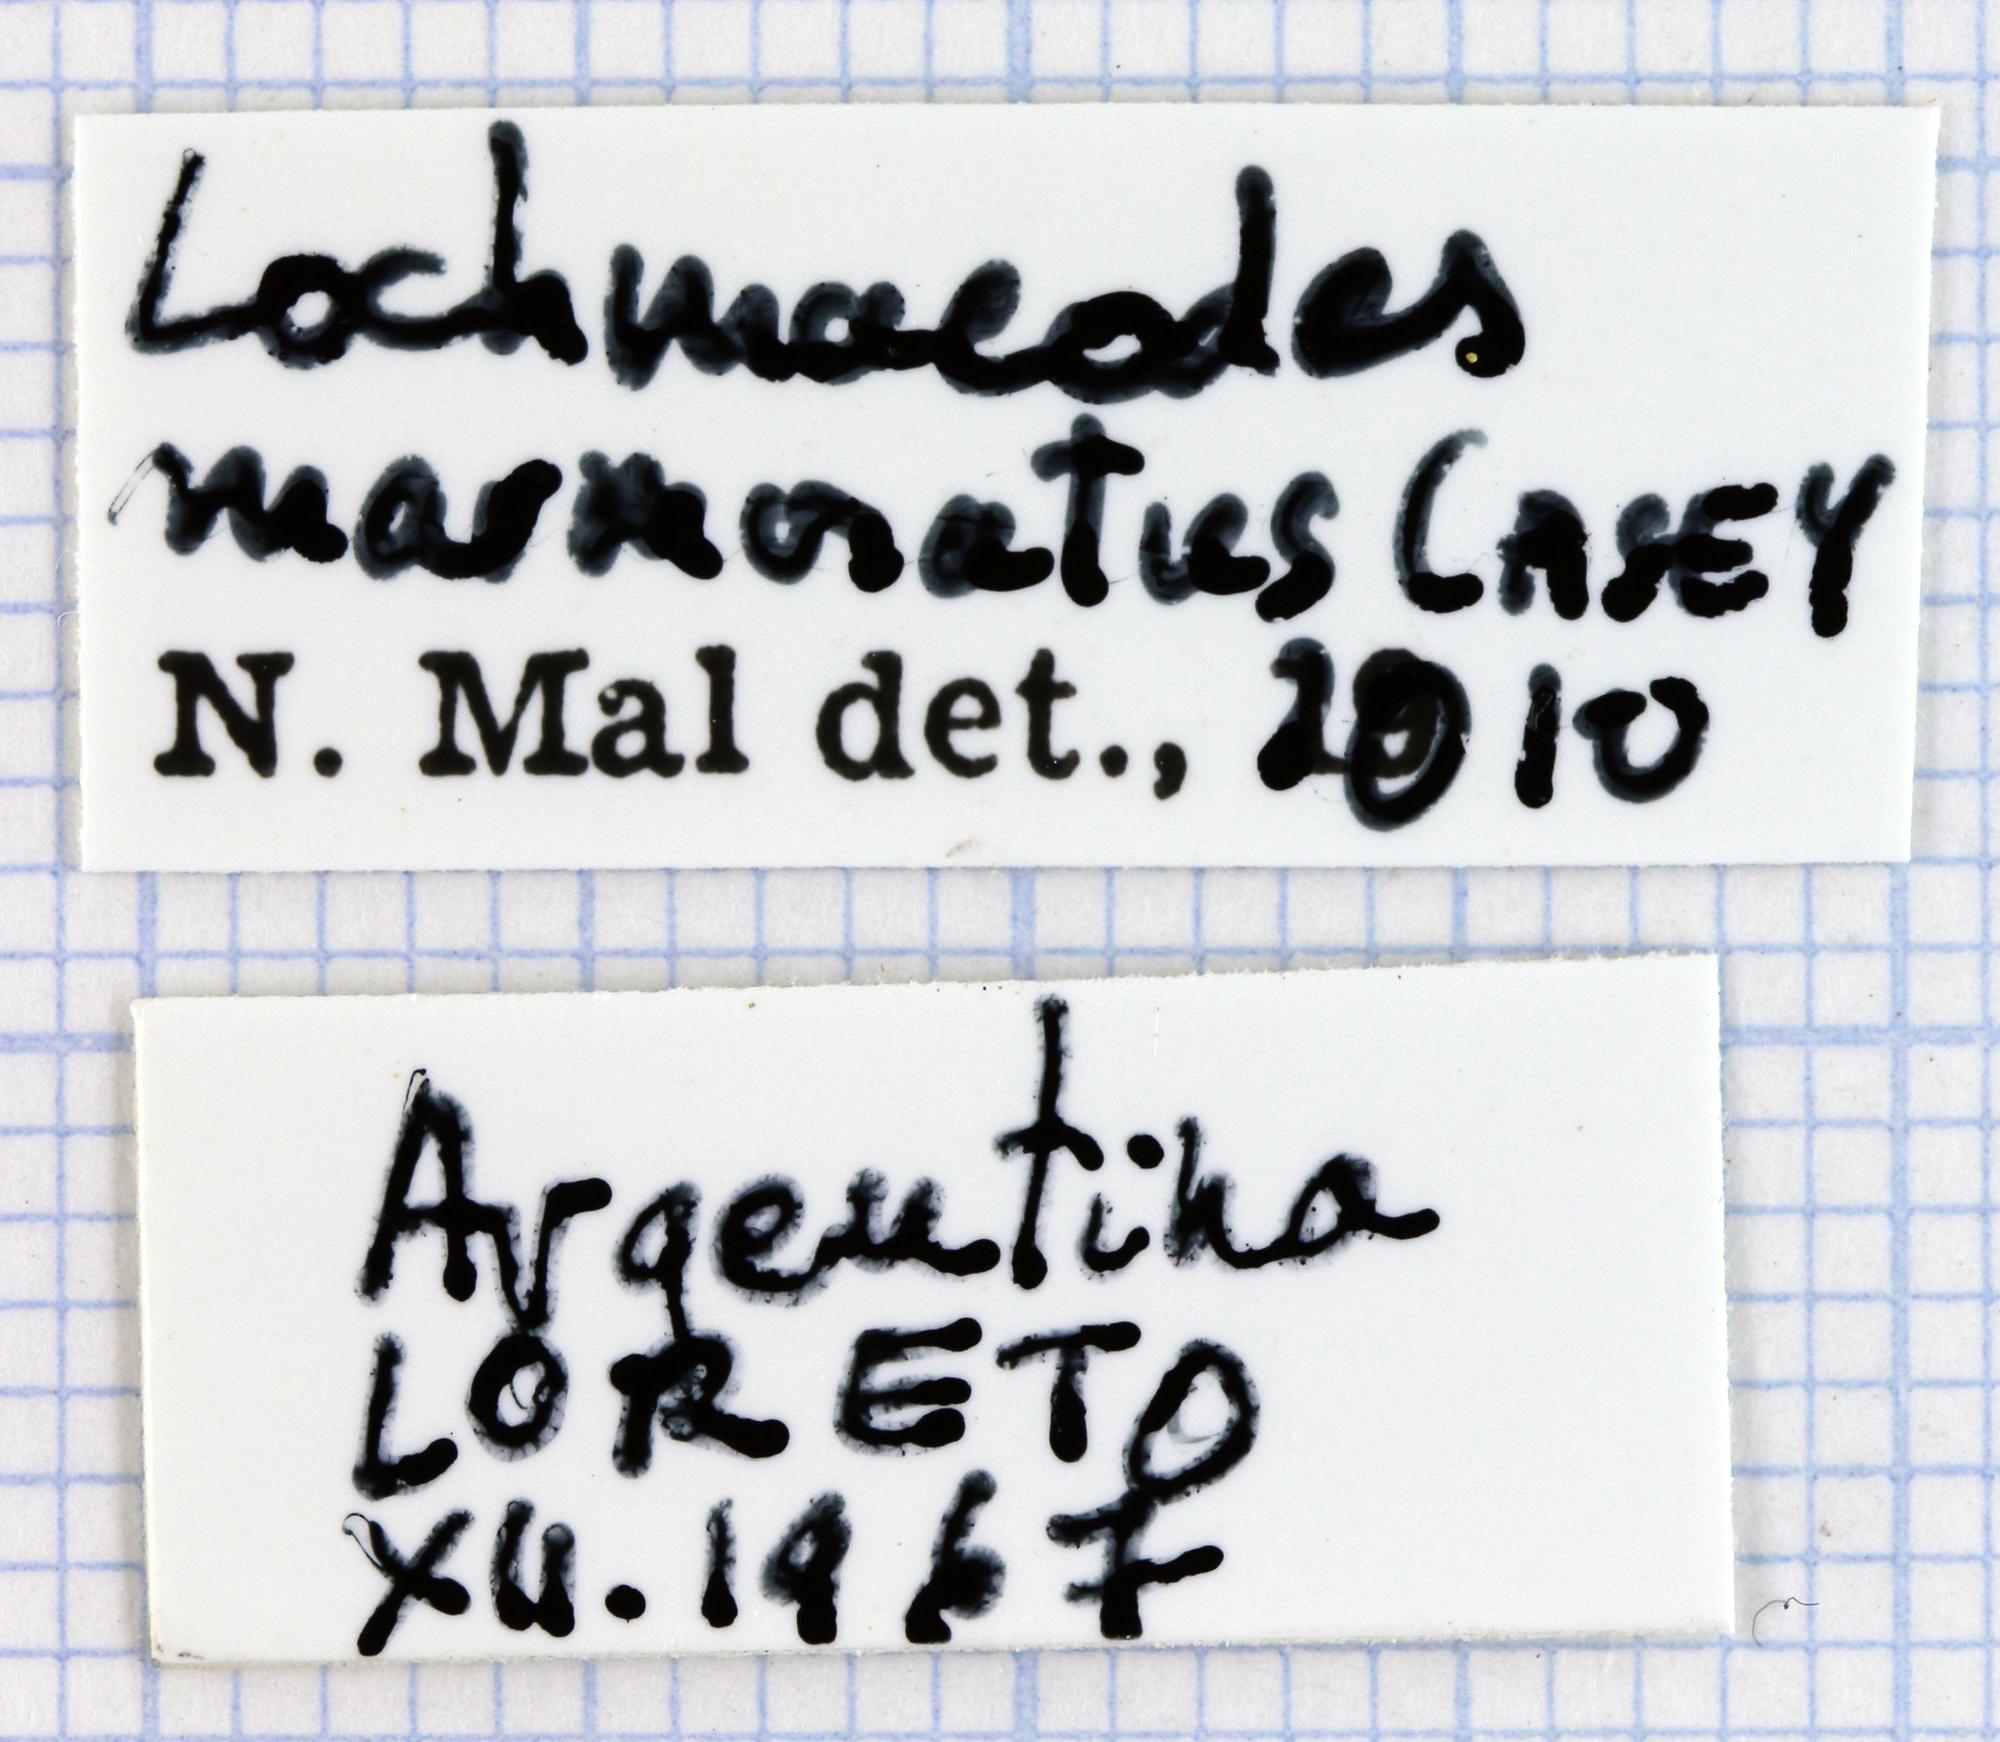 Lochmaeocles marmoratus 31731.jpg